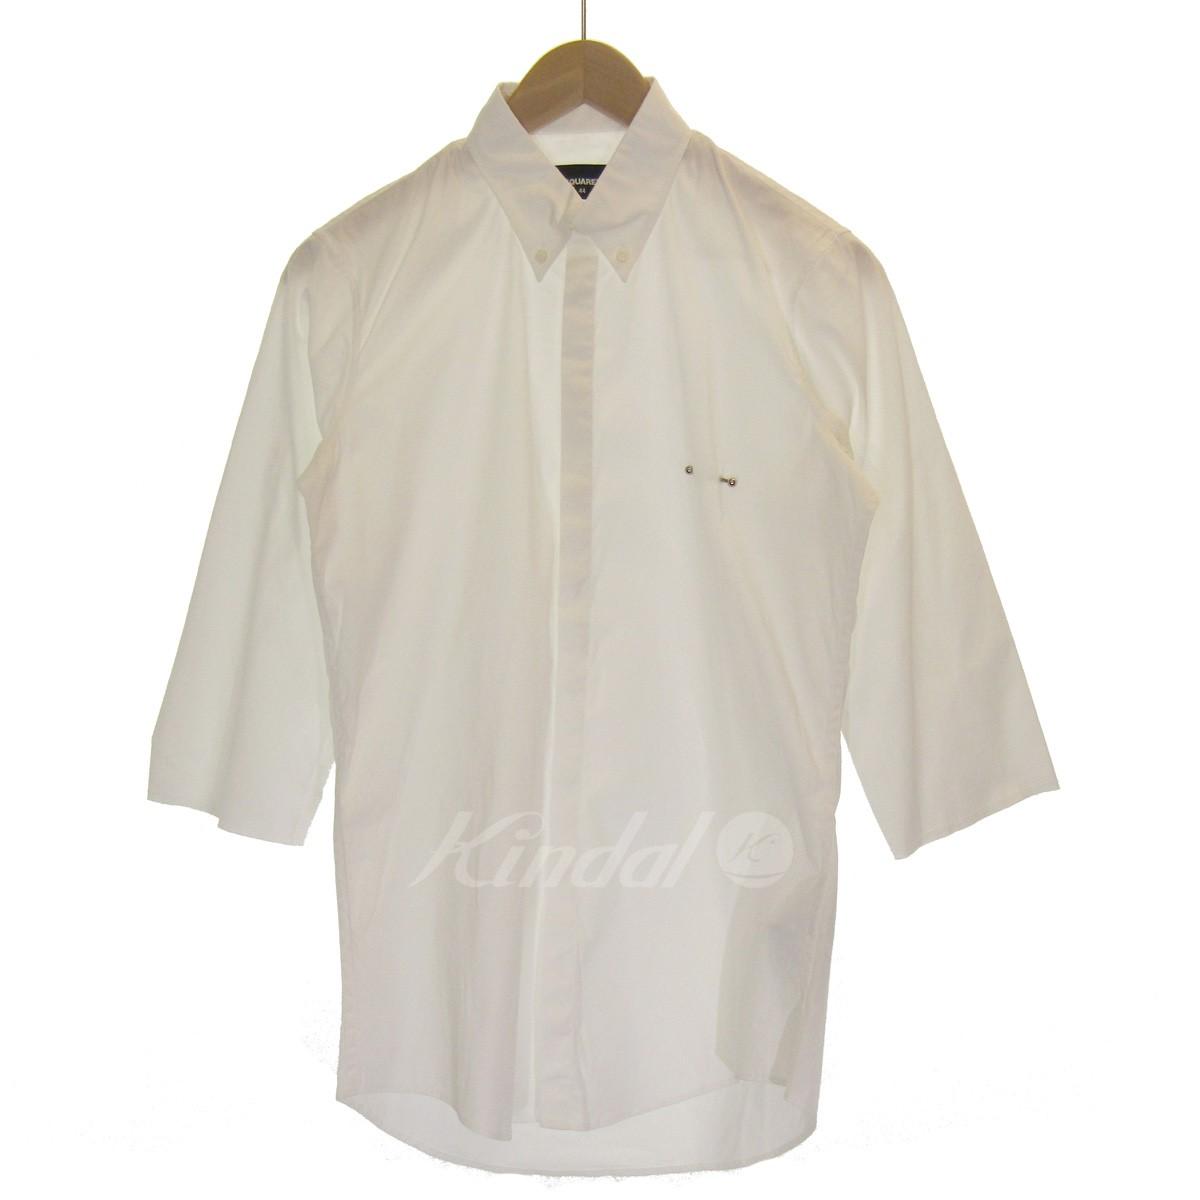 【中古】DSQUARED2 5分袖ボタンダウンシャツ ホワイト サイズ:44 【260419】(ディースクエアード)